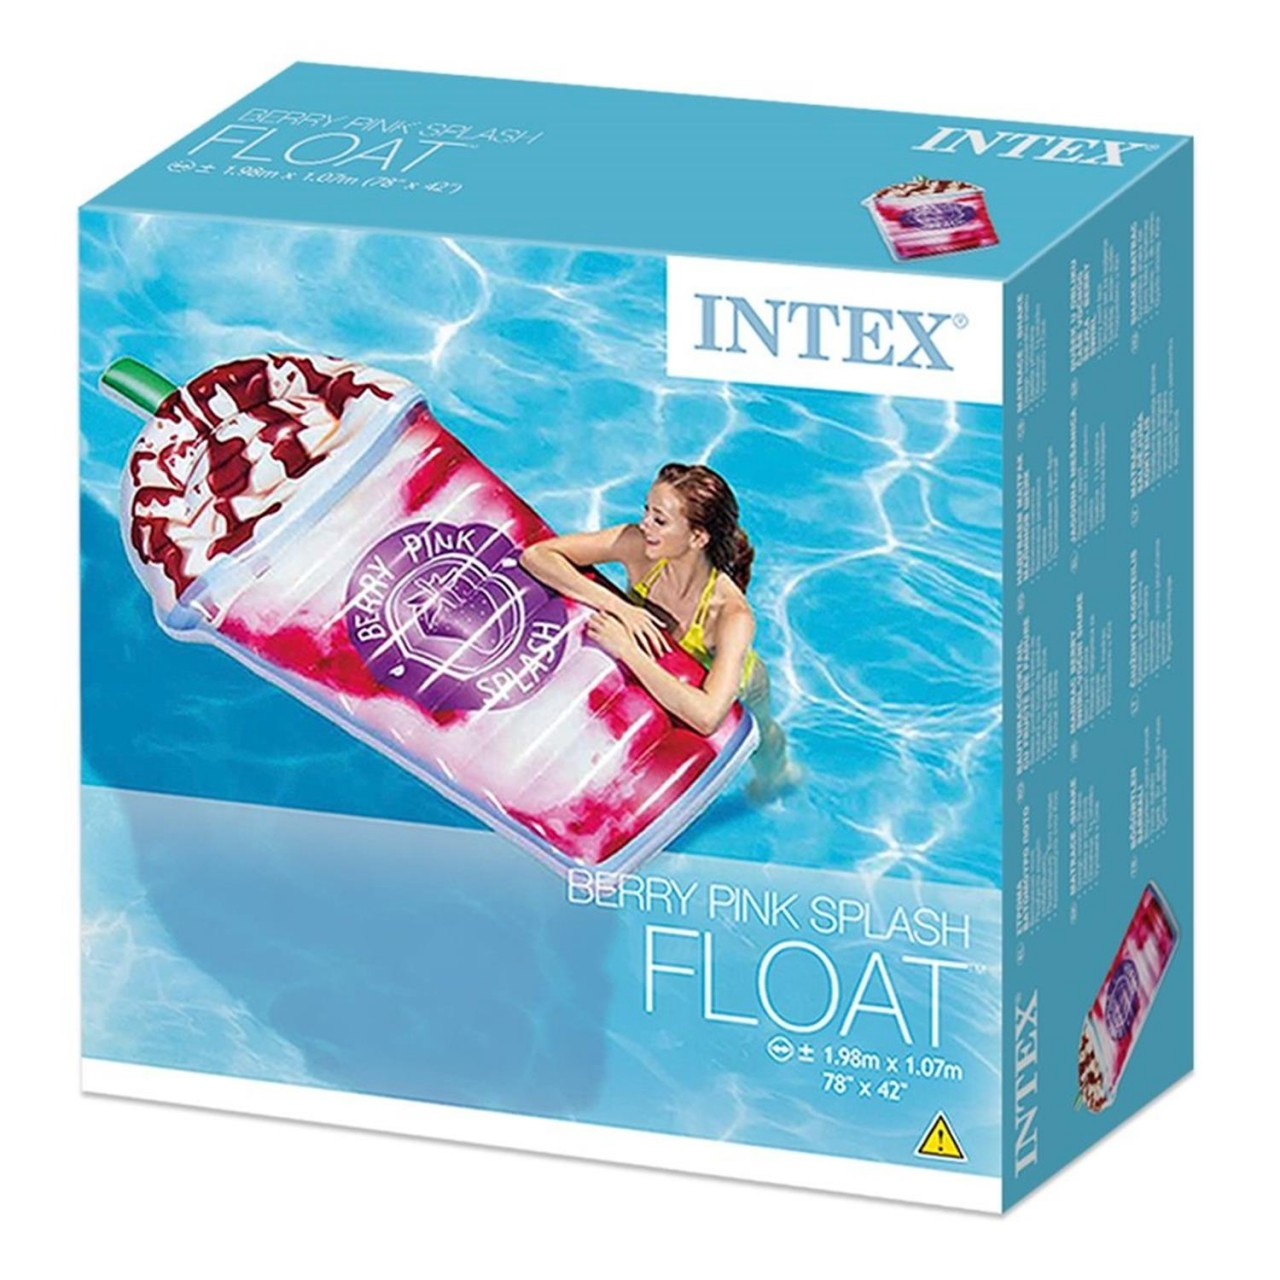 Intex Milkshake Berrypink Splash Luftmatratze Lounge 198x107cm 58777 aufblasbar